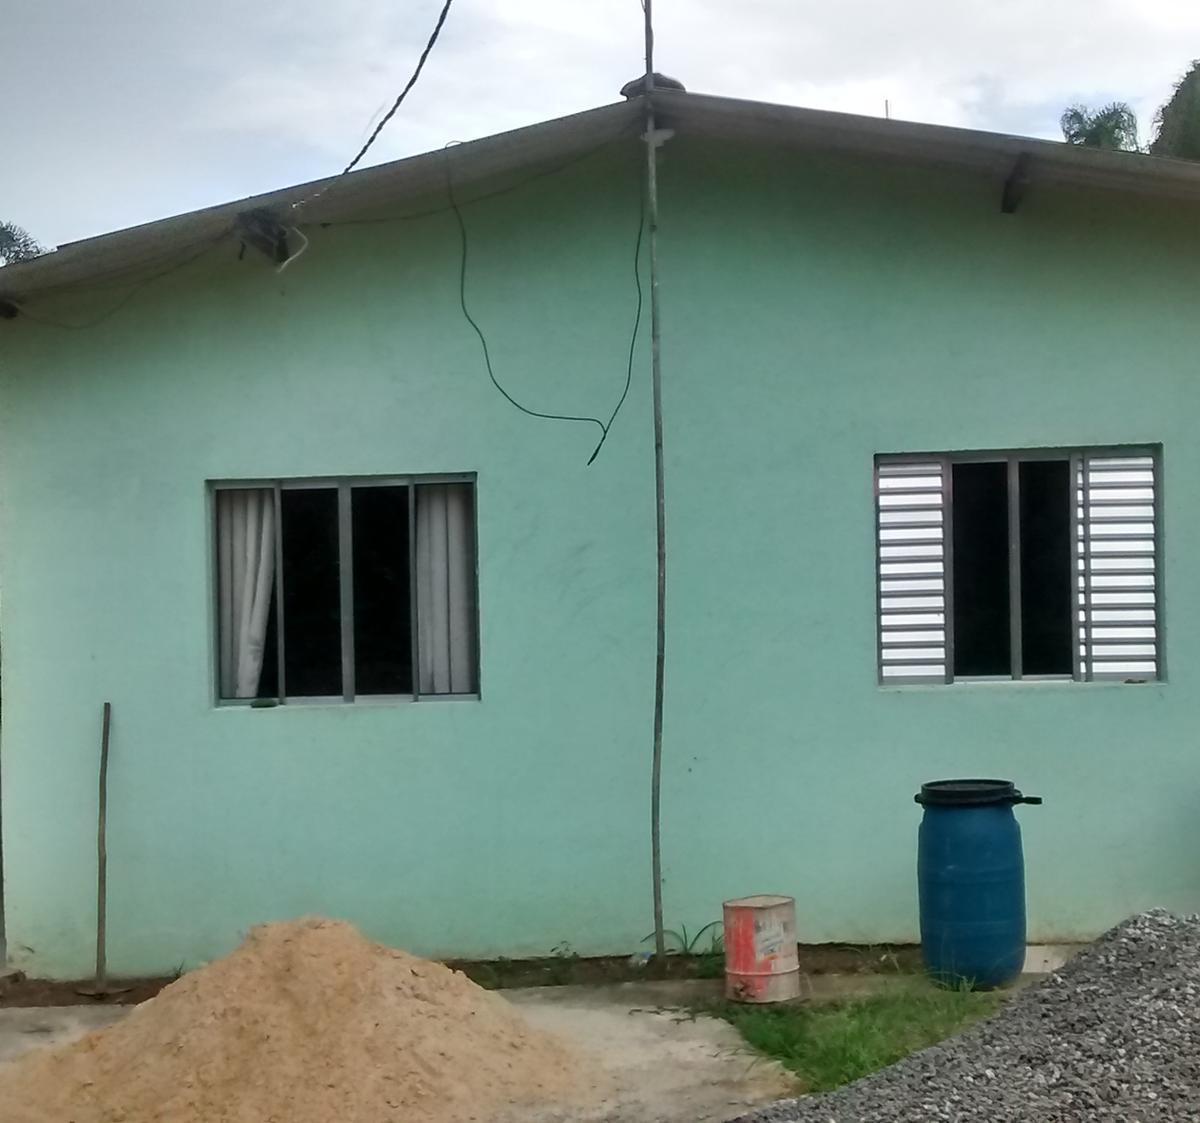 Chácara para venda. Com 200 metros quadrados e 4 quartos em Chácaras Califórnia - Embu-Guaçu - SP.